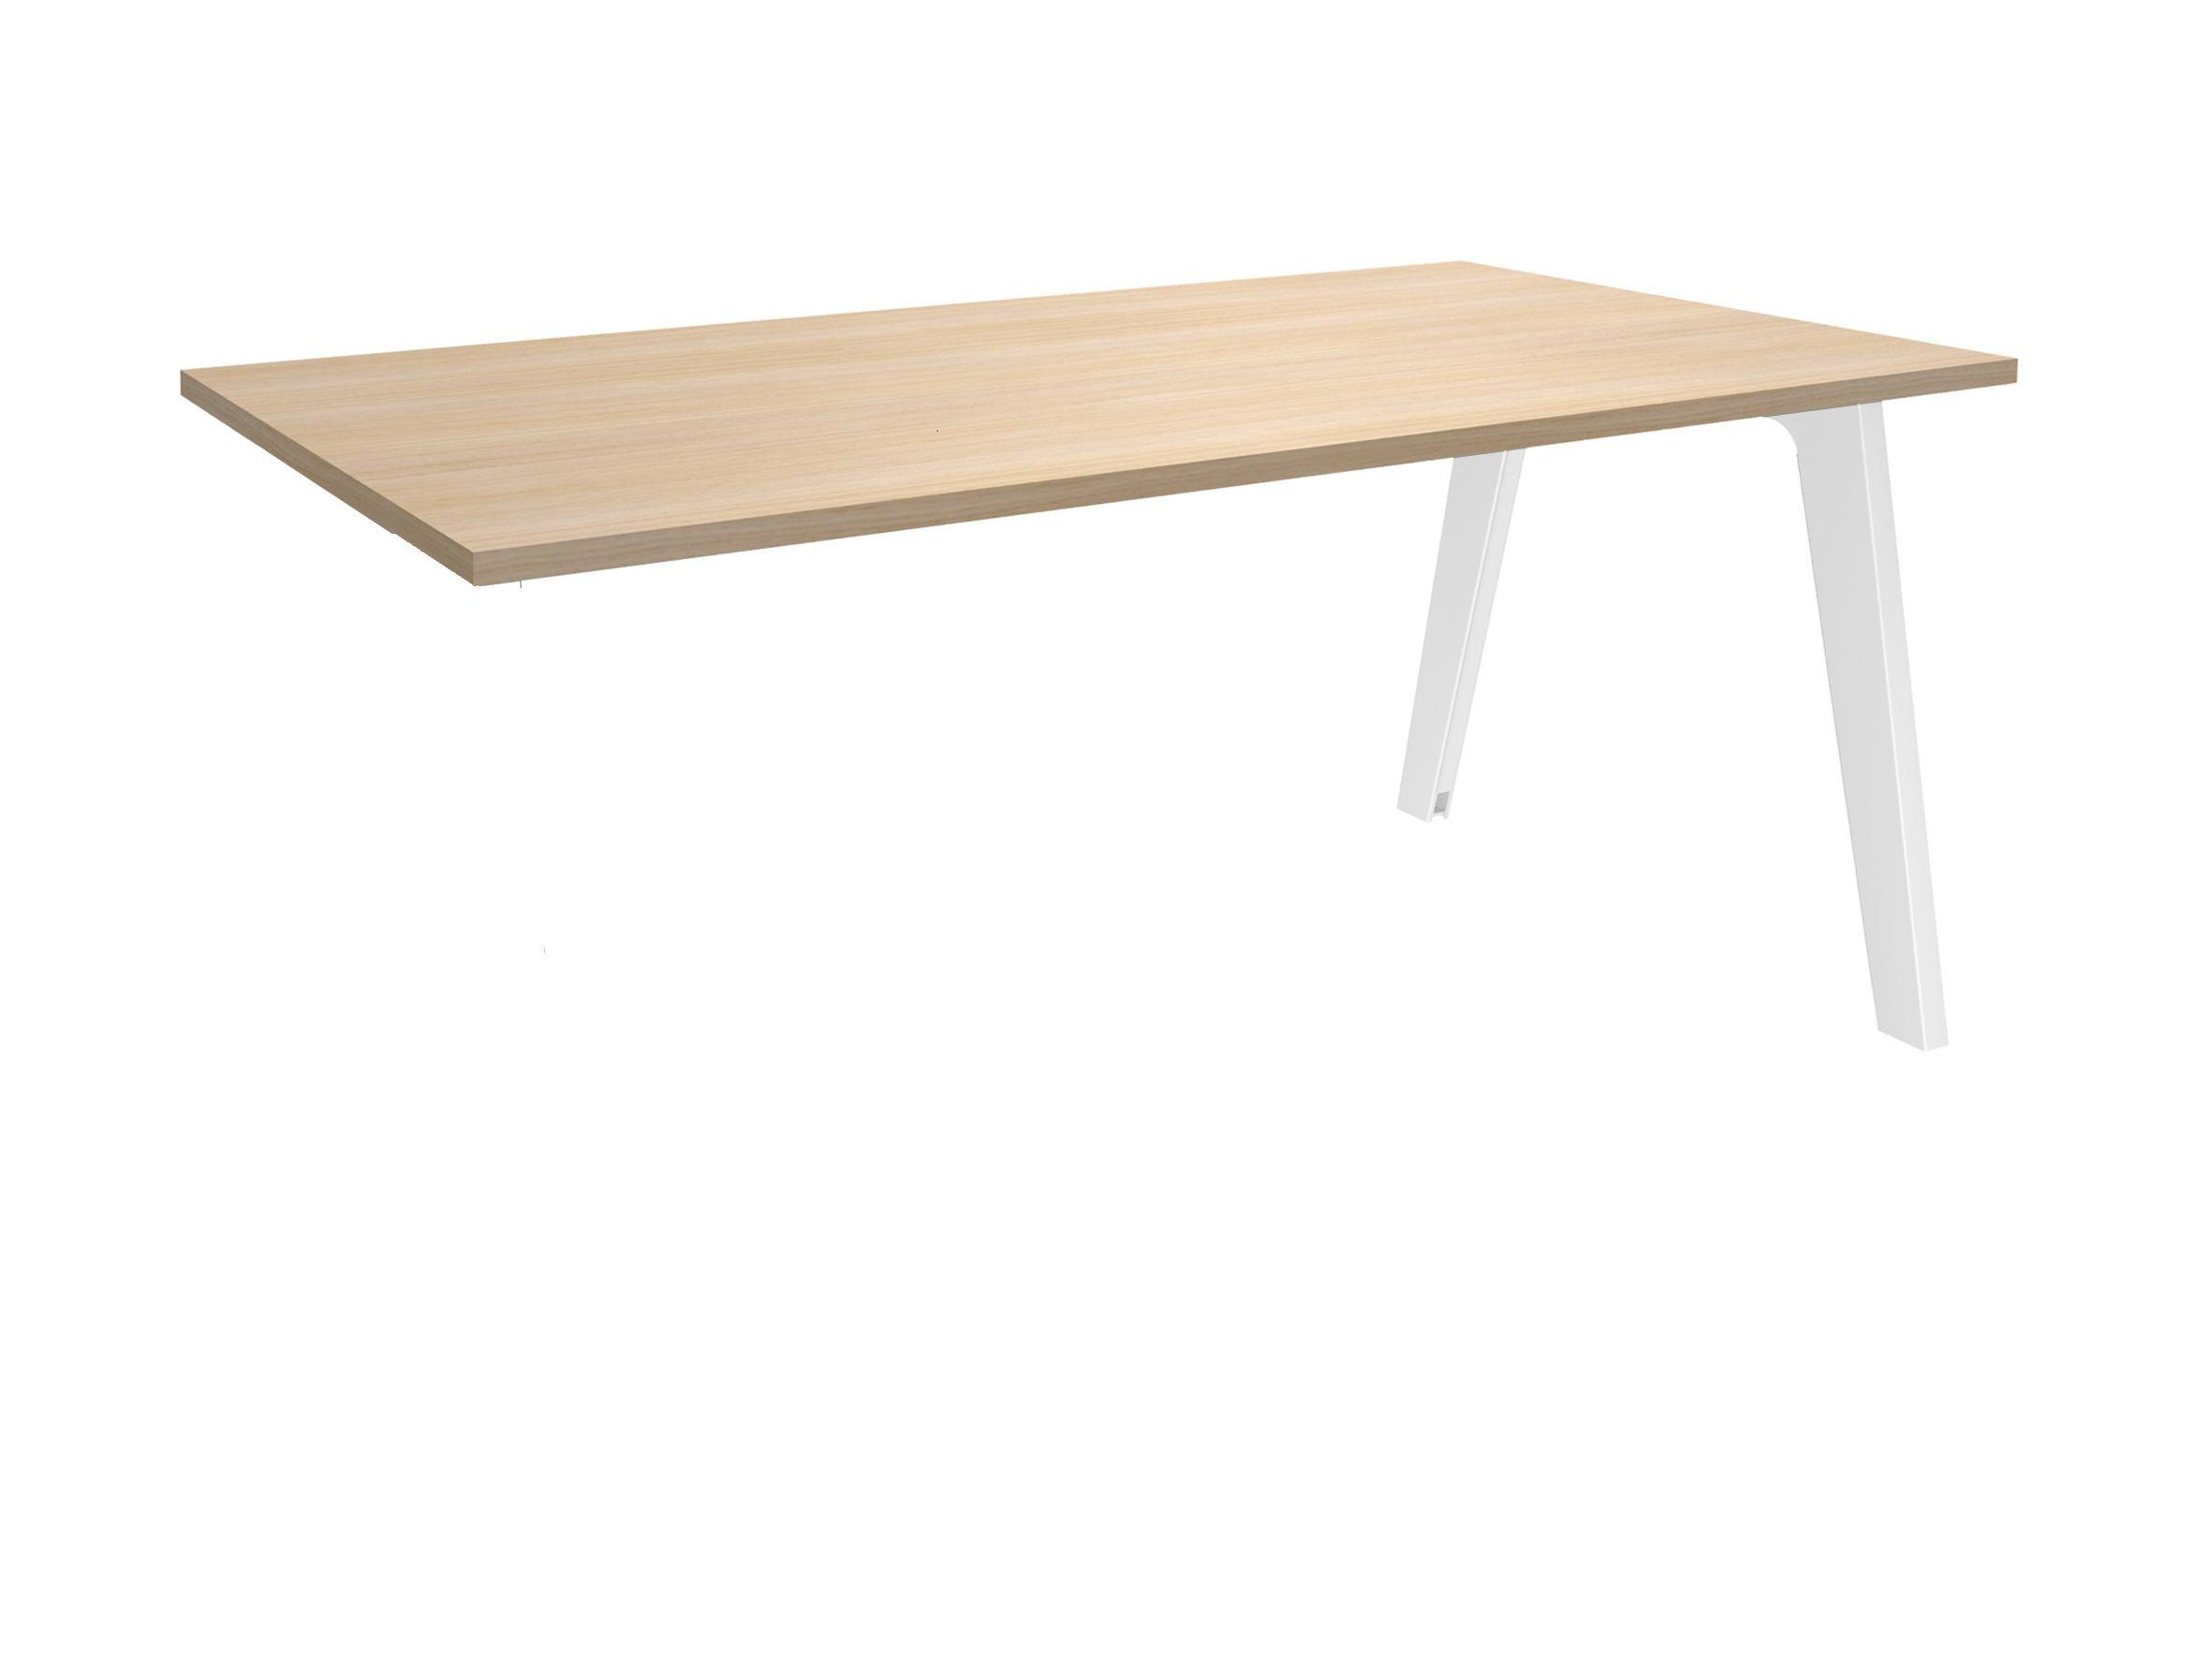 Bureau simple STEELY - L120 cm - Plan suivant - Pieds blanc - plateau imitation Chêne clair